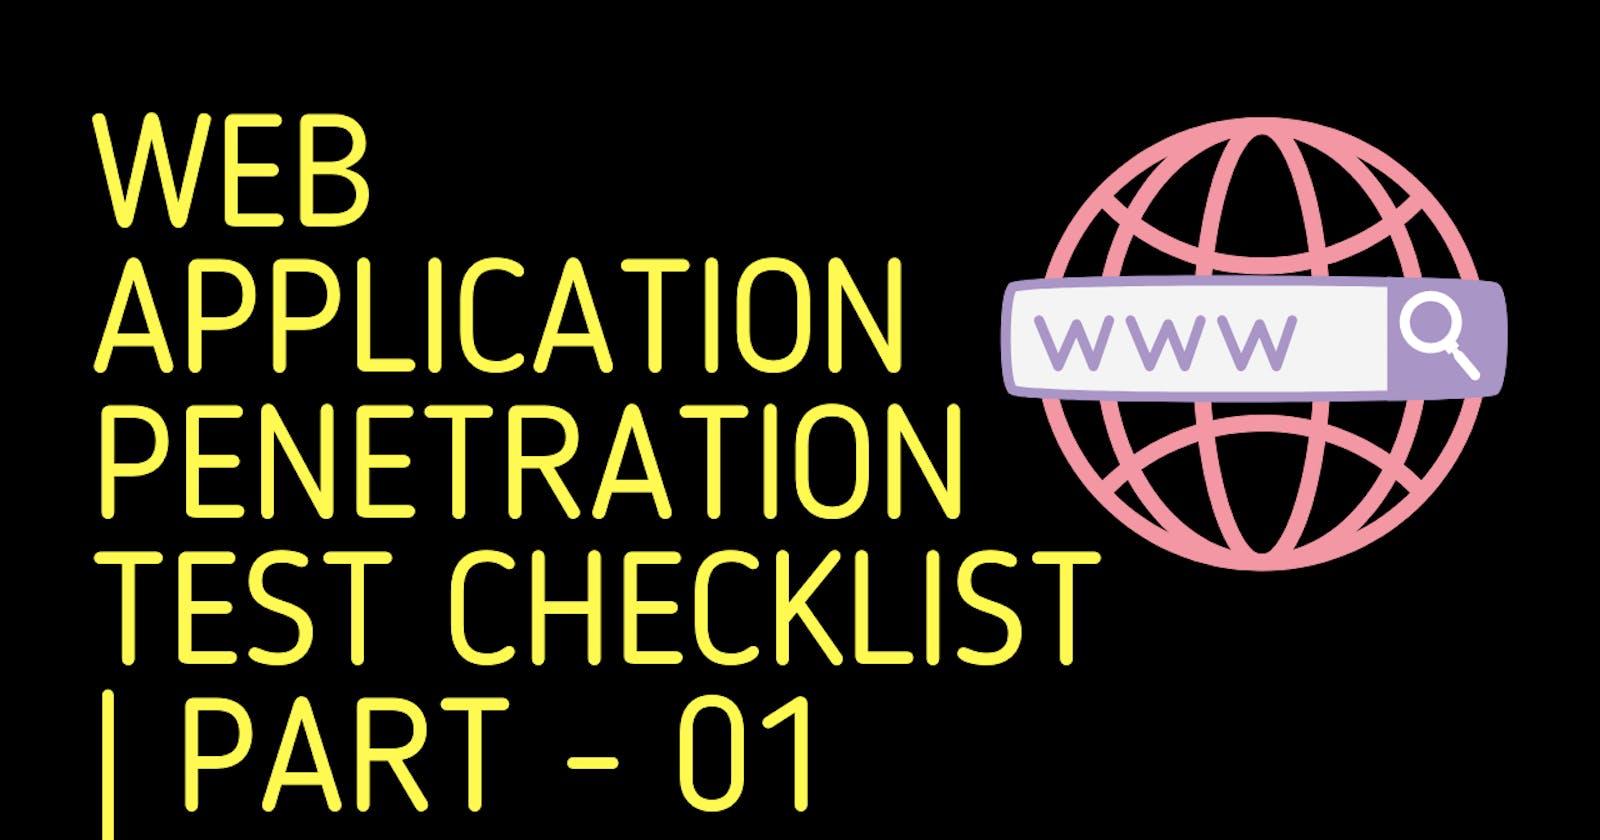 Web Application Penetration Test Checklist | Part - 01